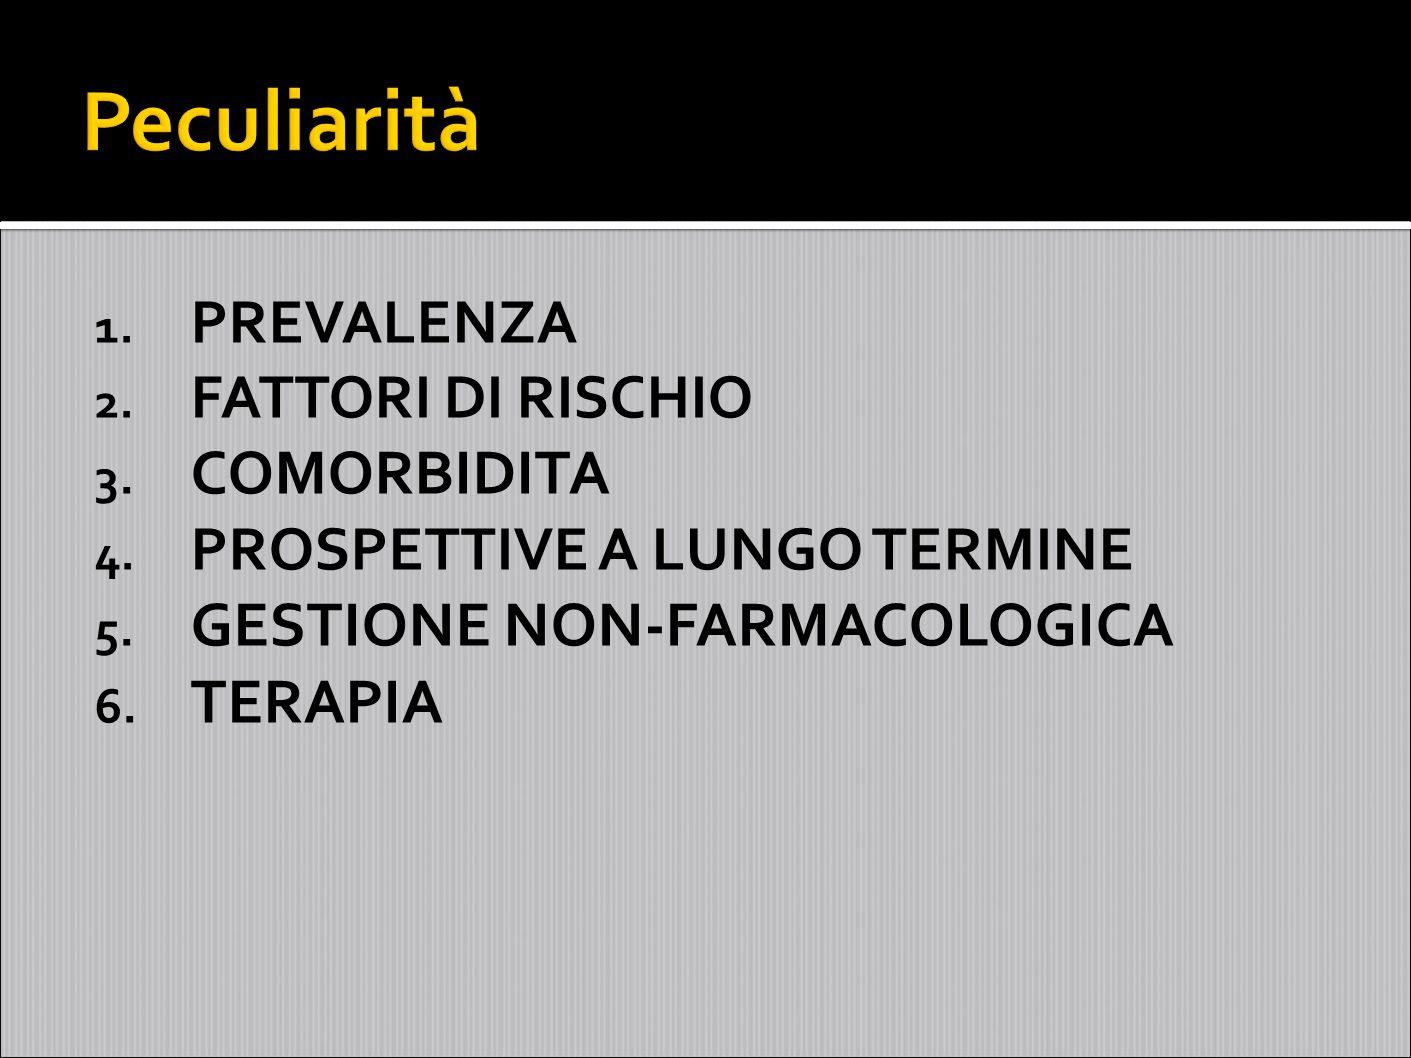 Peculiarità COMORBIDITA GESTIONE NON-FARMACOLOGICA TERAPIA PREVALENZA